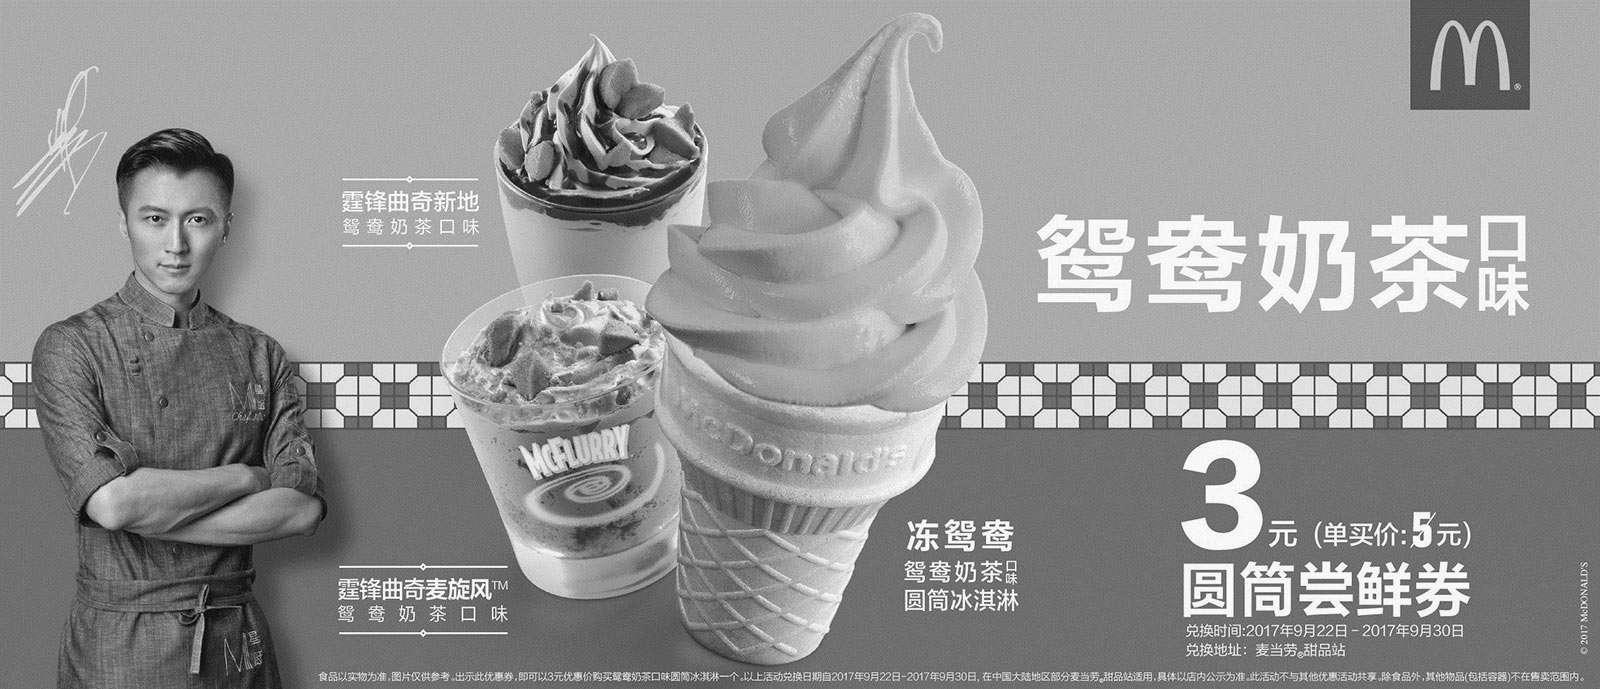 黑白优惠券图片:麦当劳3元圆筒尝鲜券,甜品站鸳鸯奶茶口味圆筒冰淇淋优惠价3元 省2元起 - www.5ikfc.com